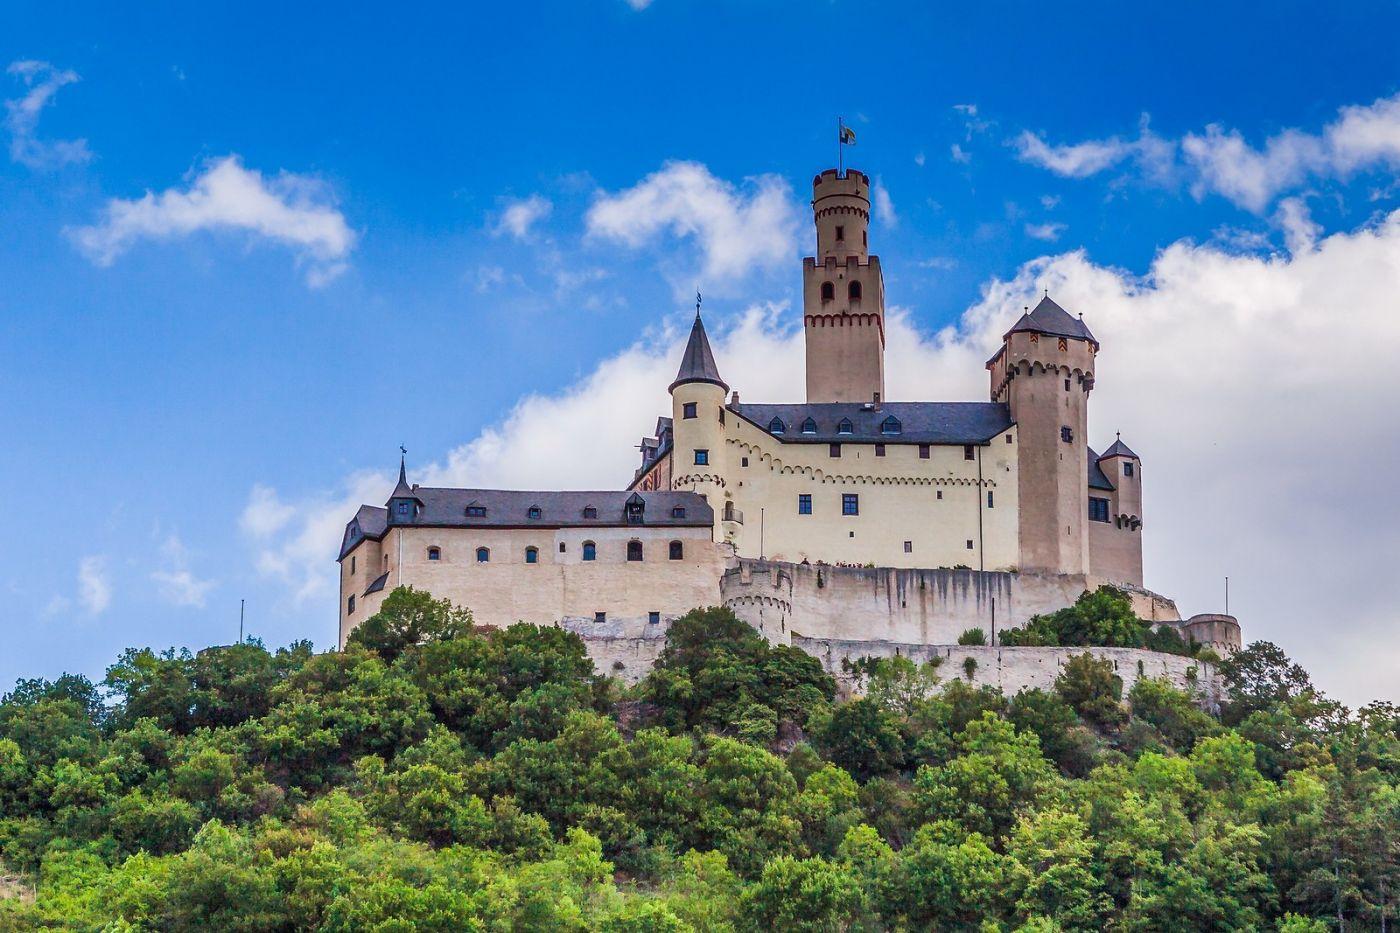 畅游莱茵河,山腰间的城堡_图1-13